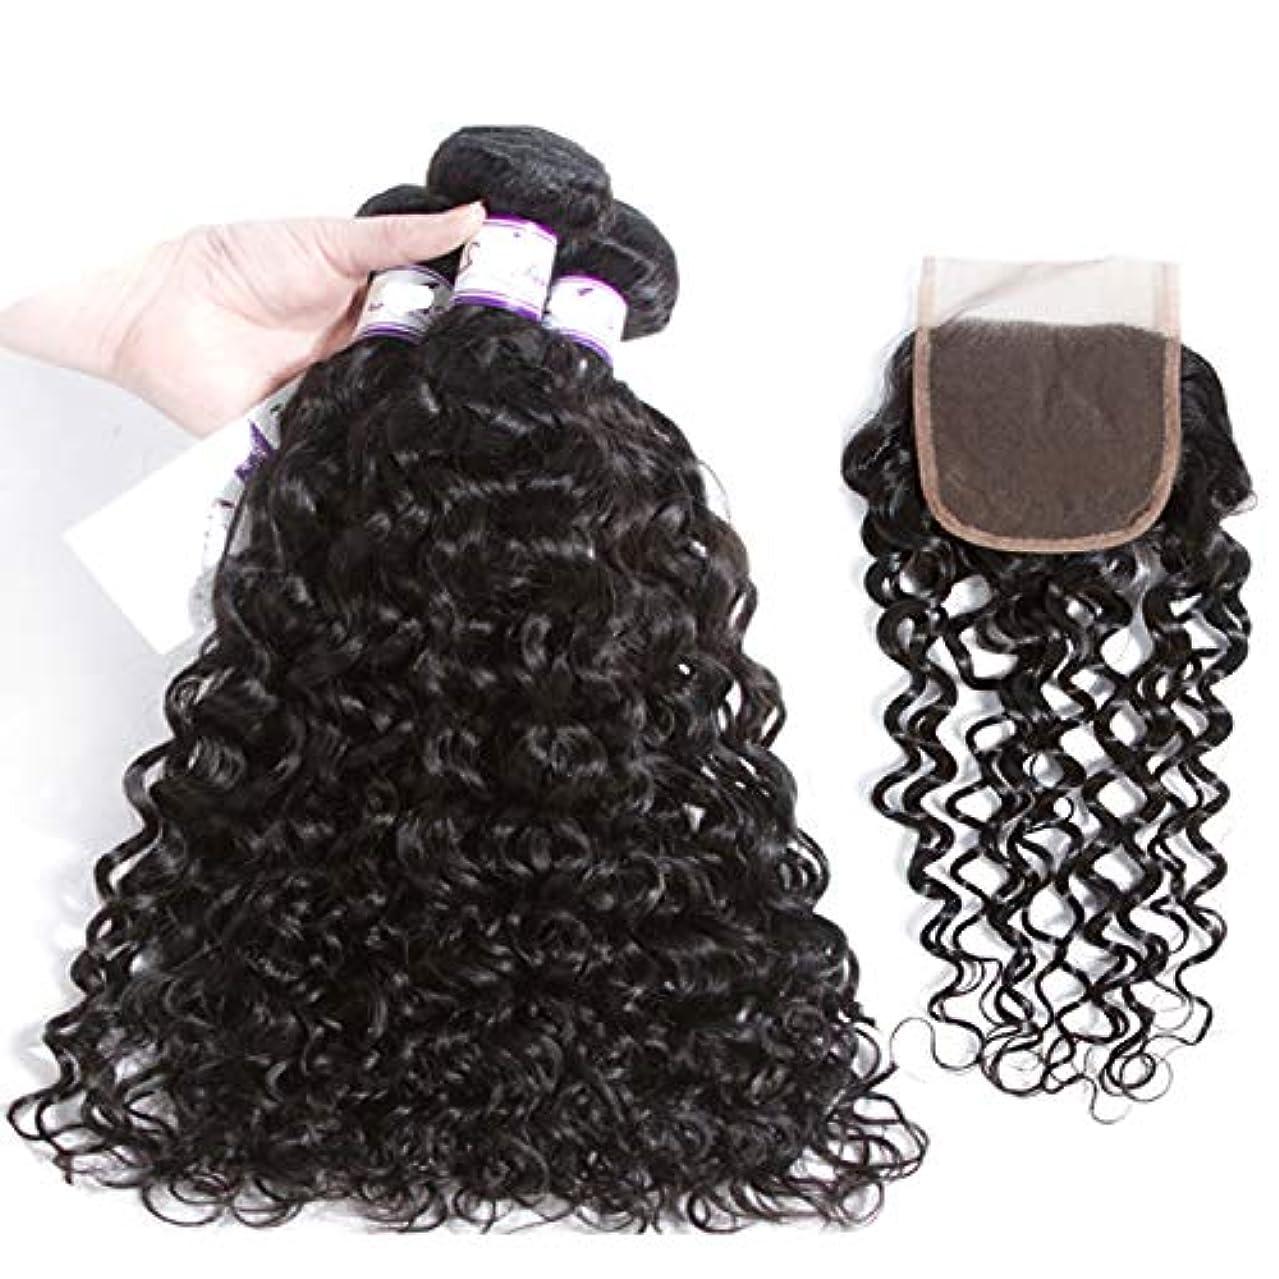 バーマドしたいコミット13 * 4閉鎖人間の髪の毛の波3バンドル人間の髪の毛の束 (Length : 18 18 18 Cl14, Part Design : FREE PART)